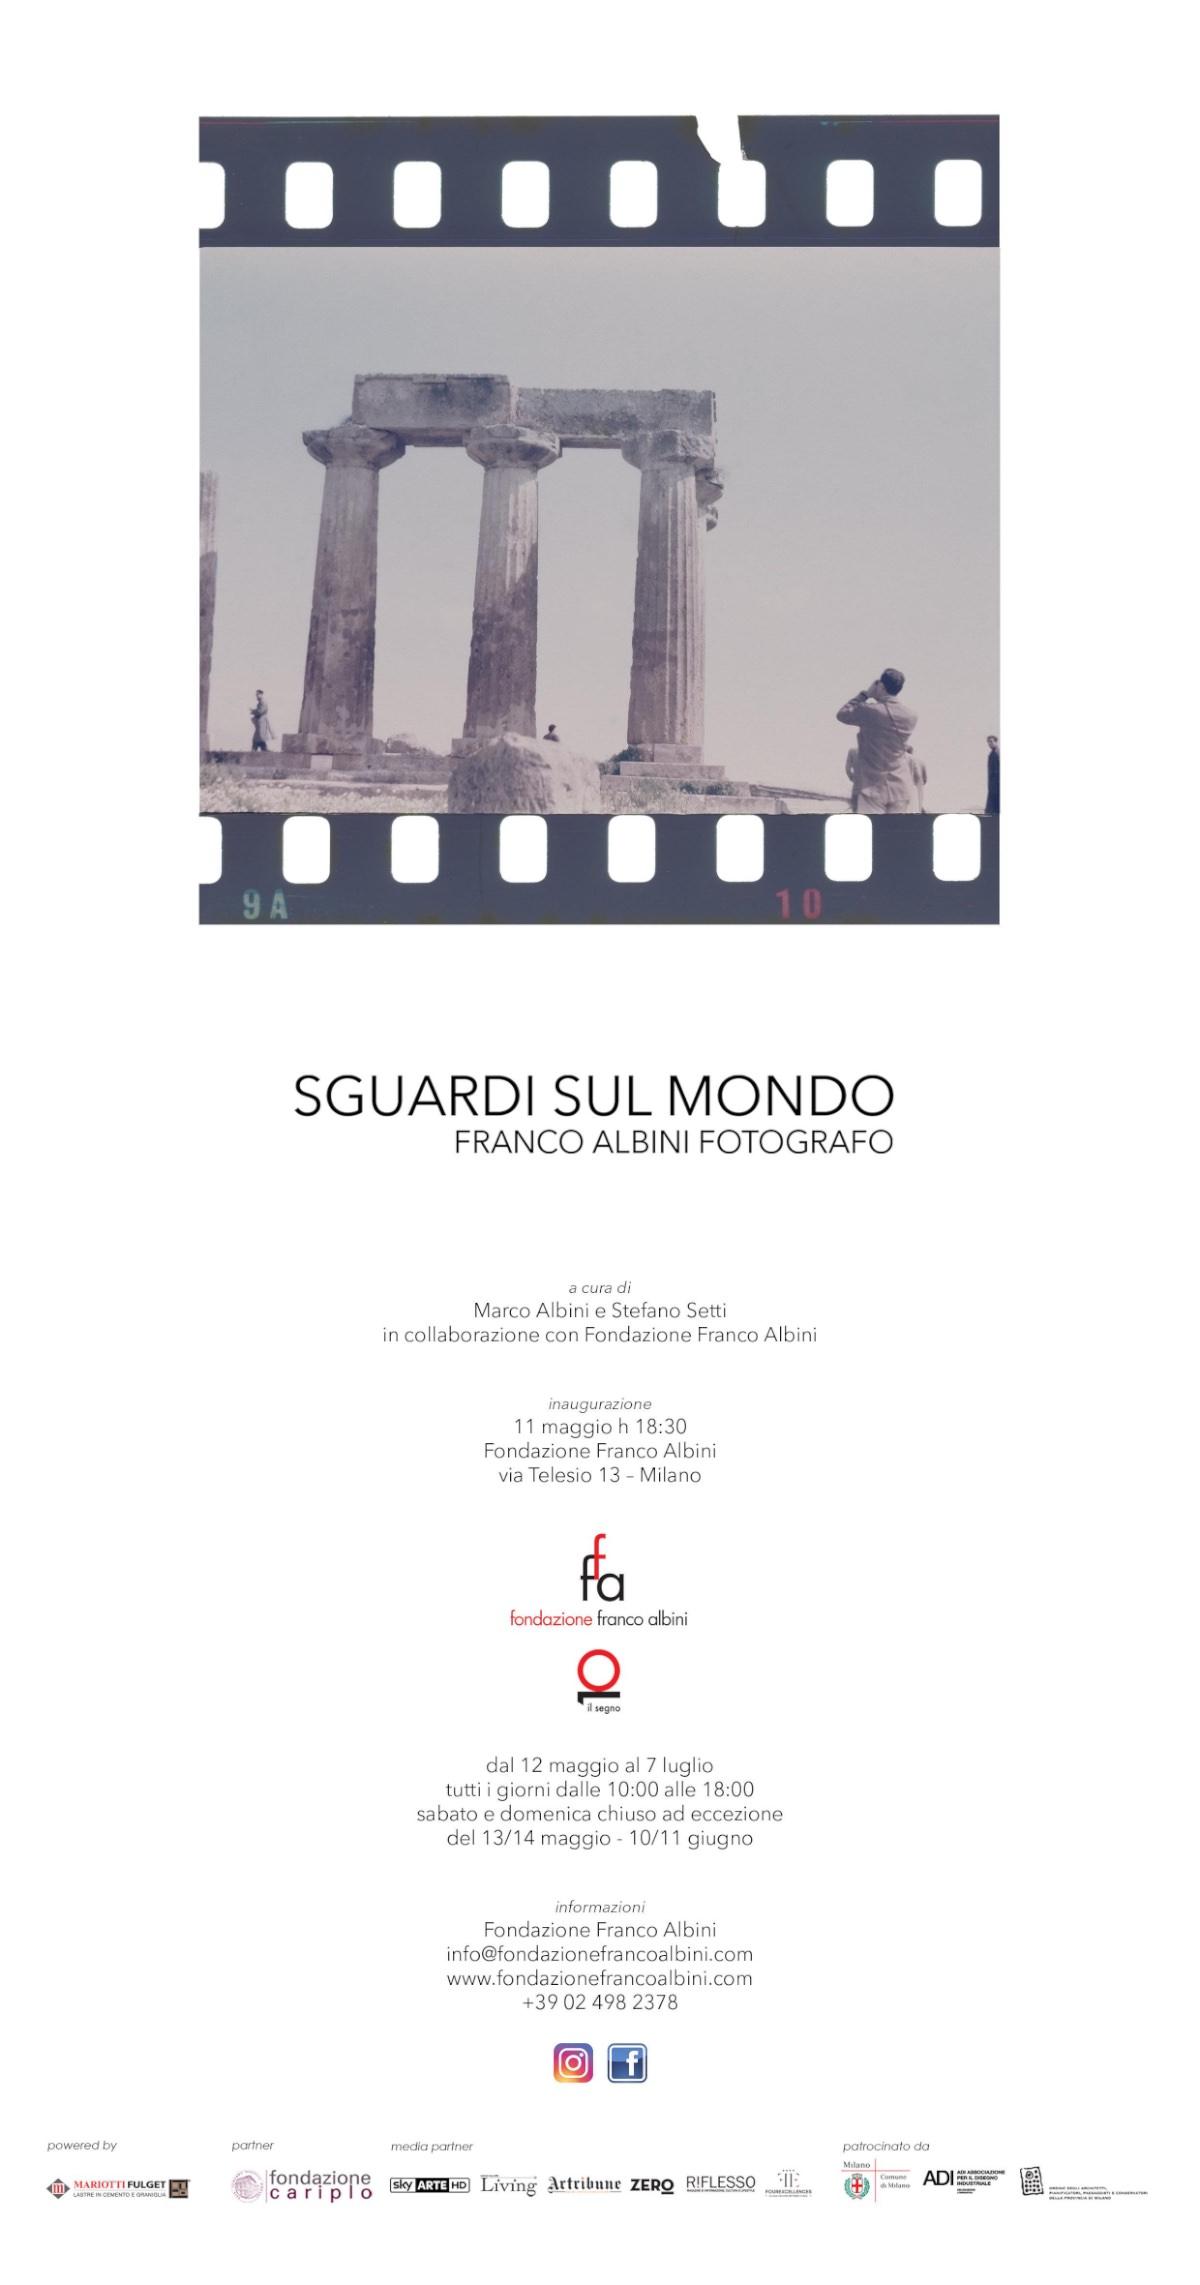 Sguardi Sul Mondo Attuale – Franco Albini